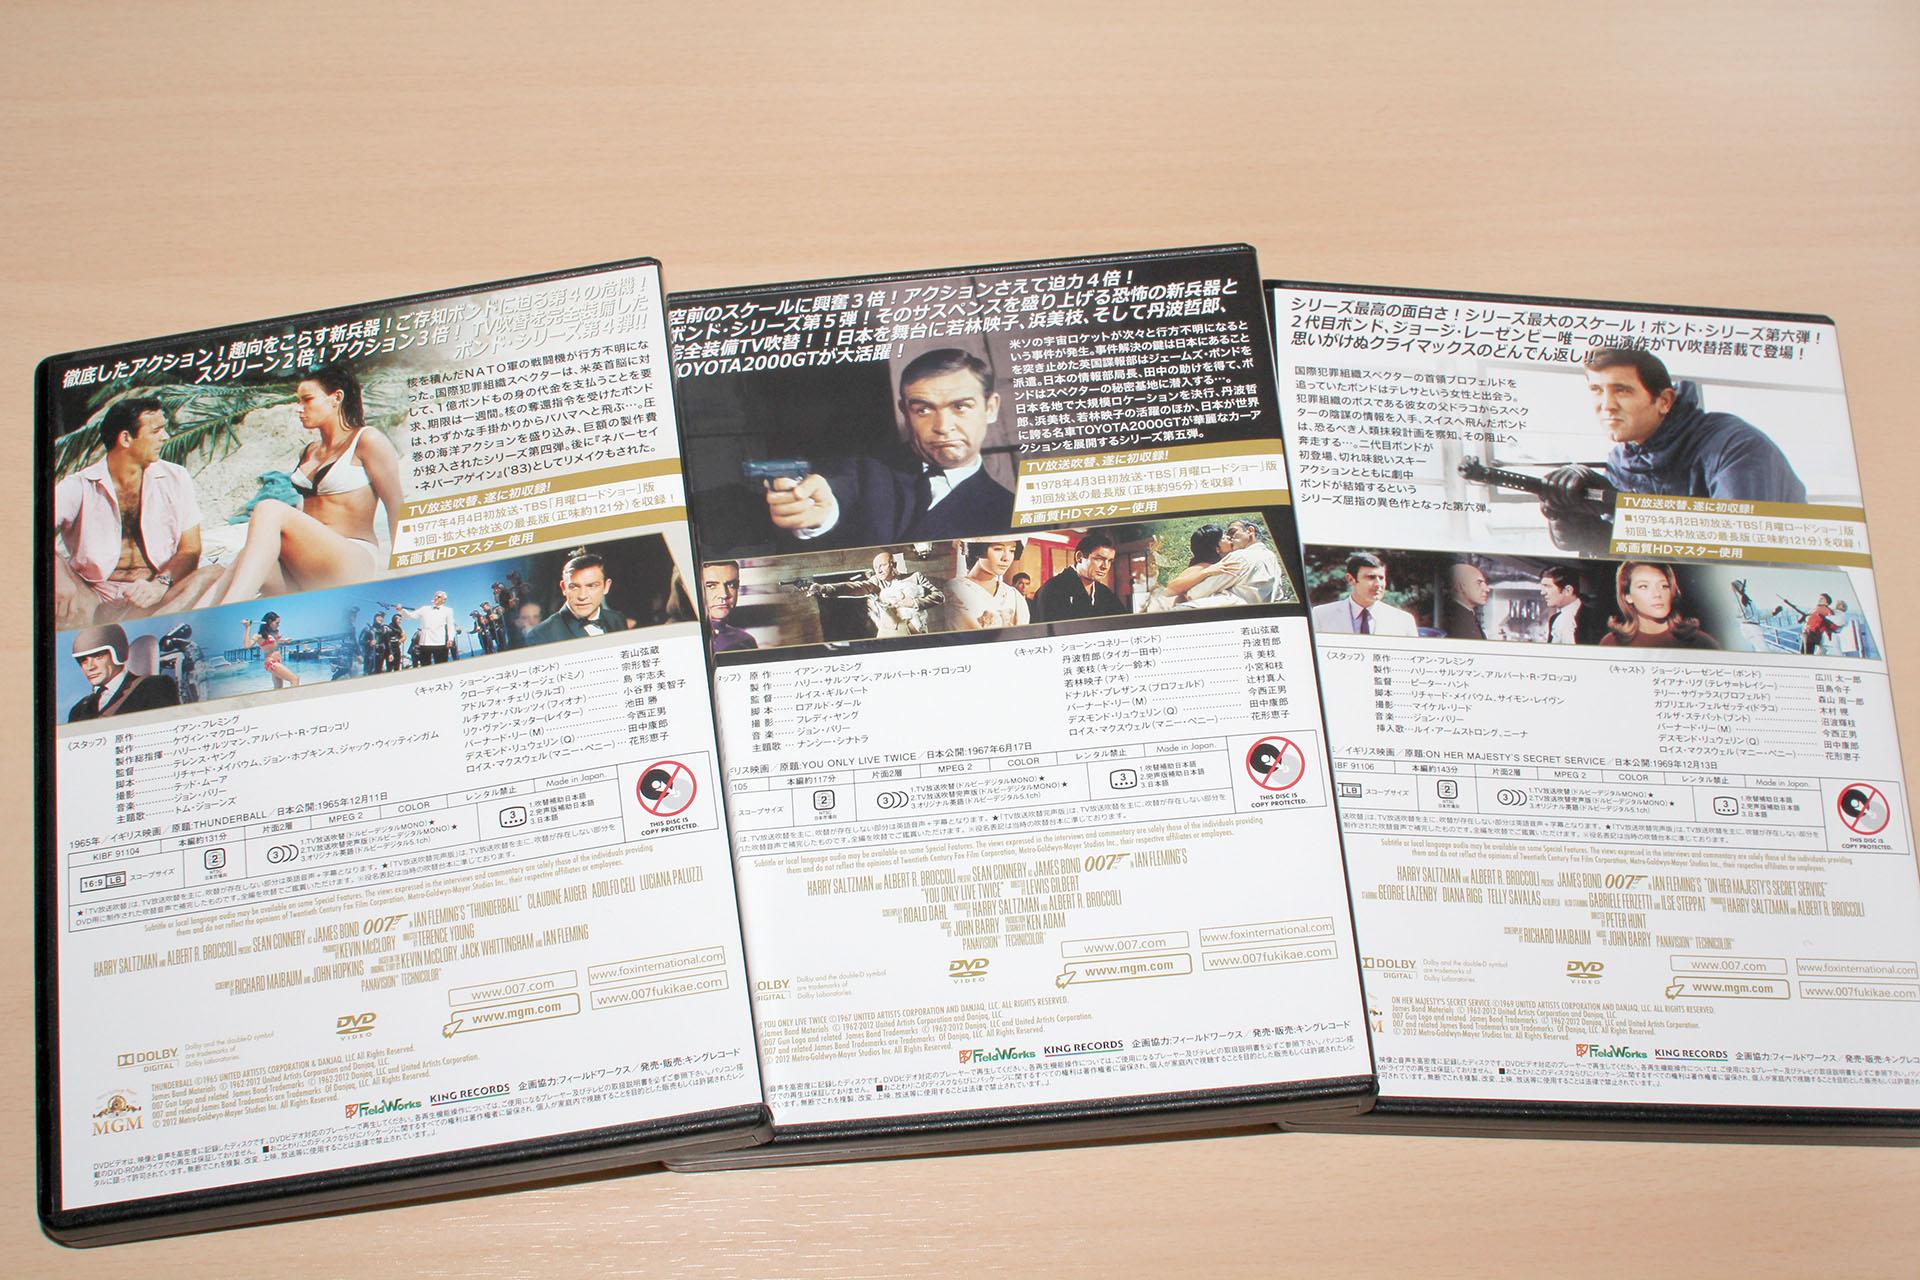 2012-11-14-007DUB-1-07.JPG